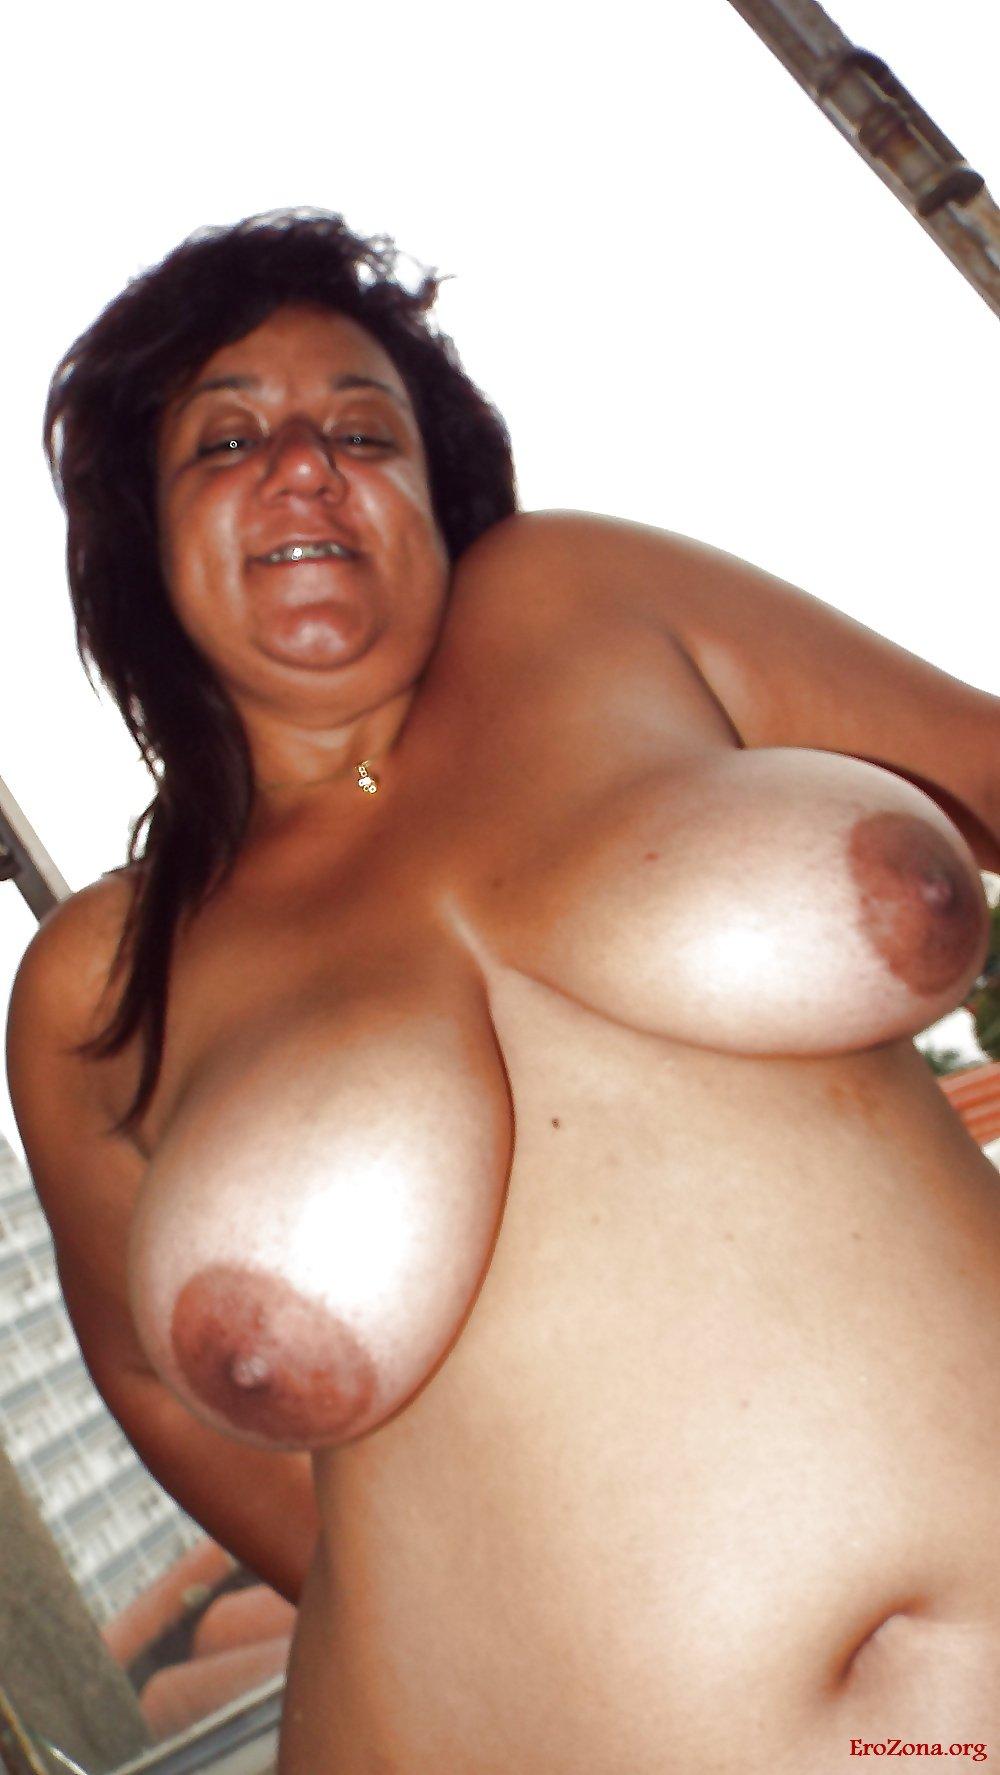 Зрелая толстушка порно фото